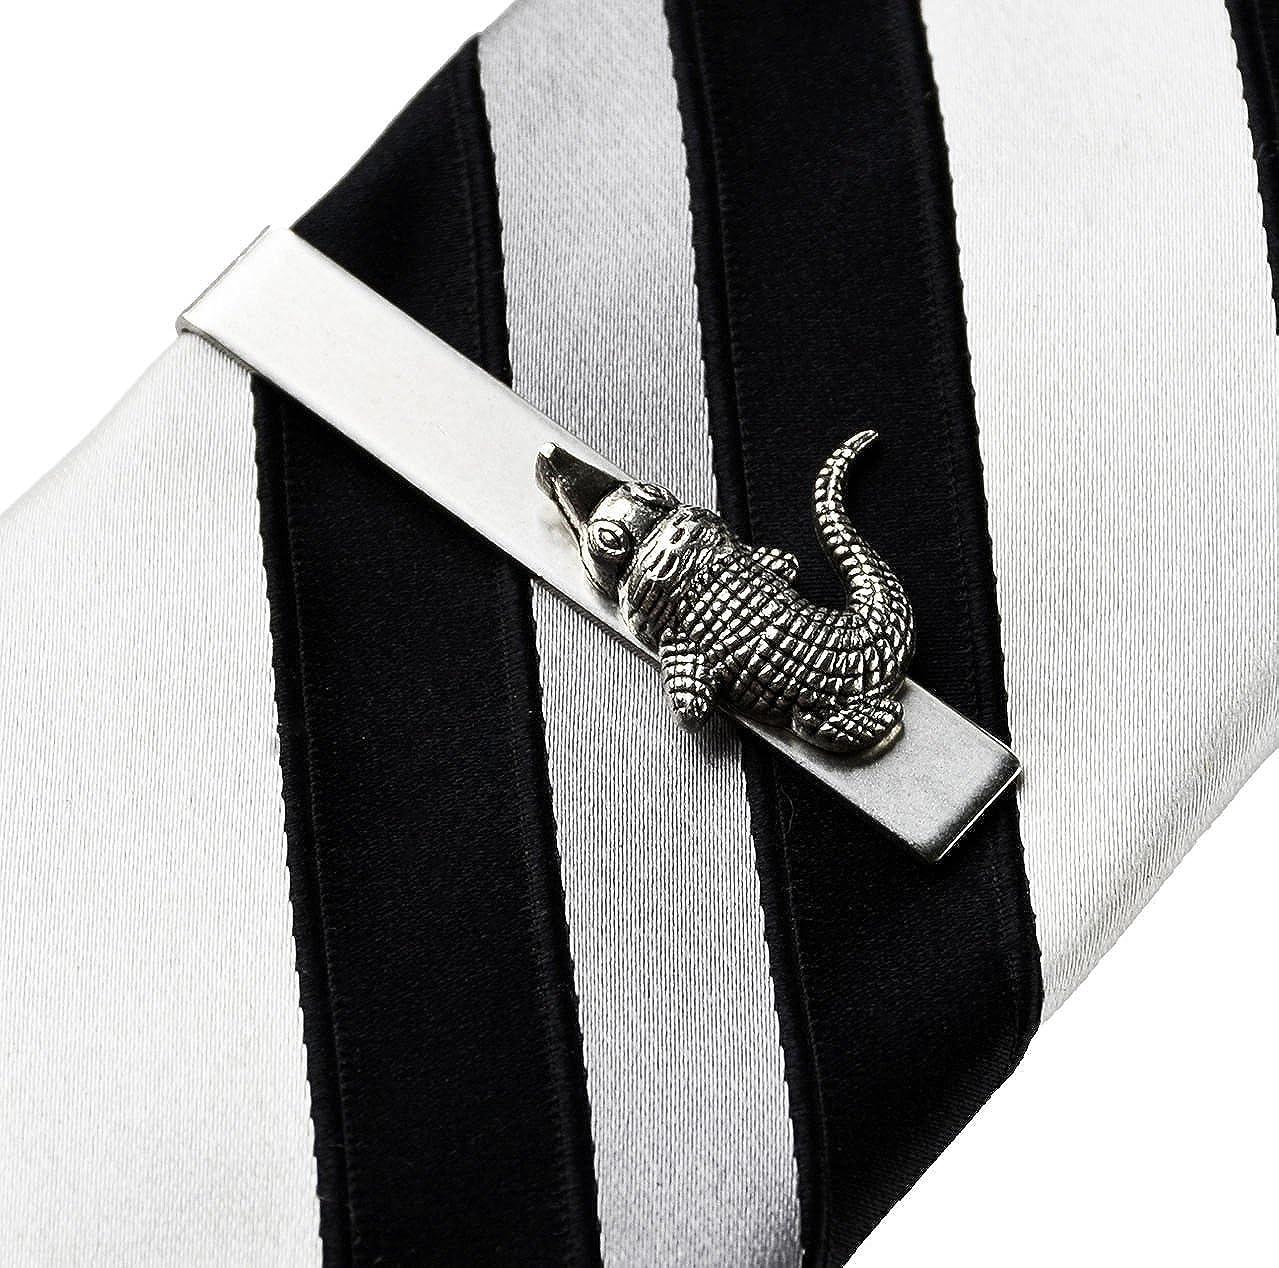 Sheilds Alligator tie clip.